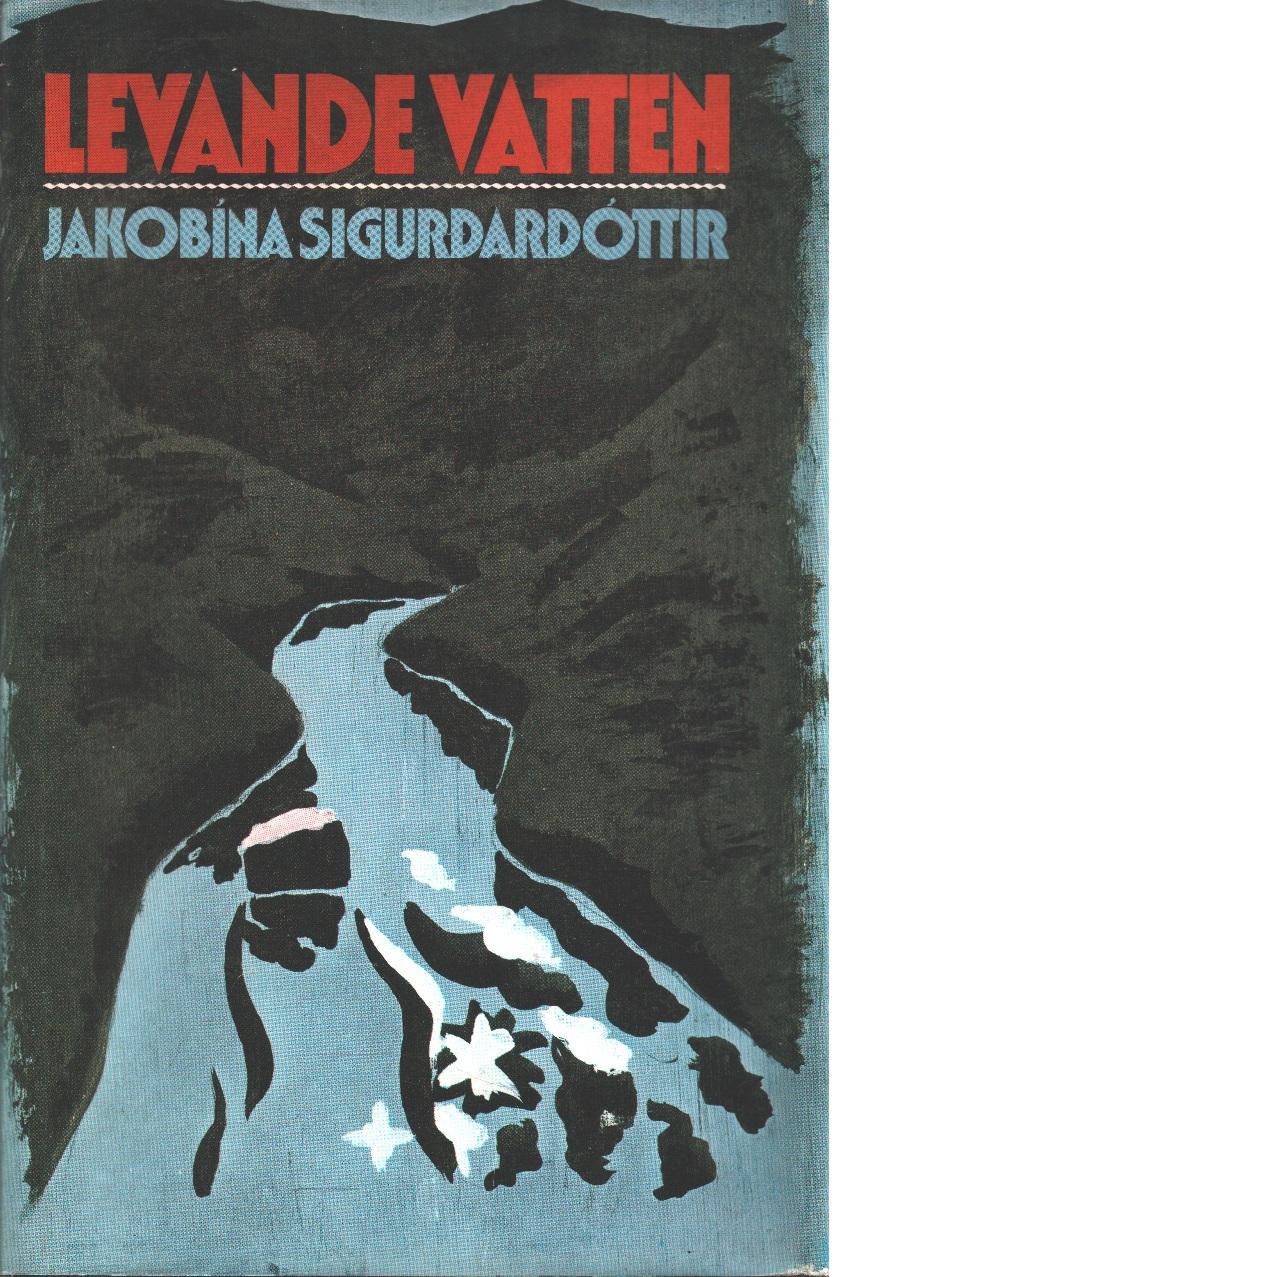 Levande vatten - Jakobína Sigurðardóttir